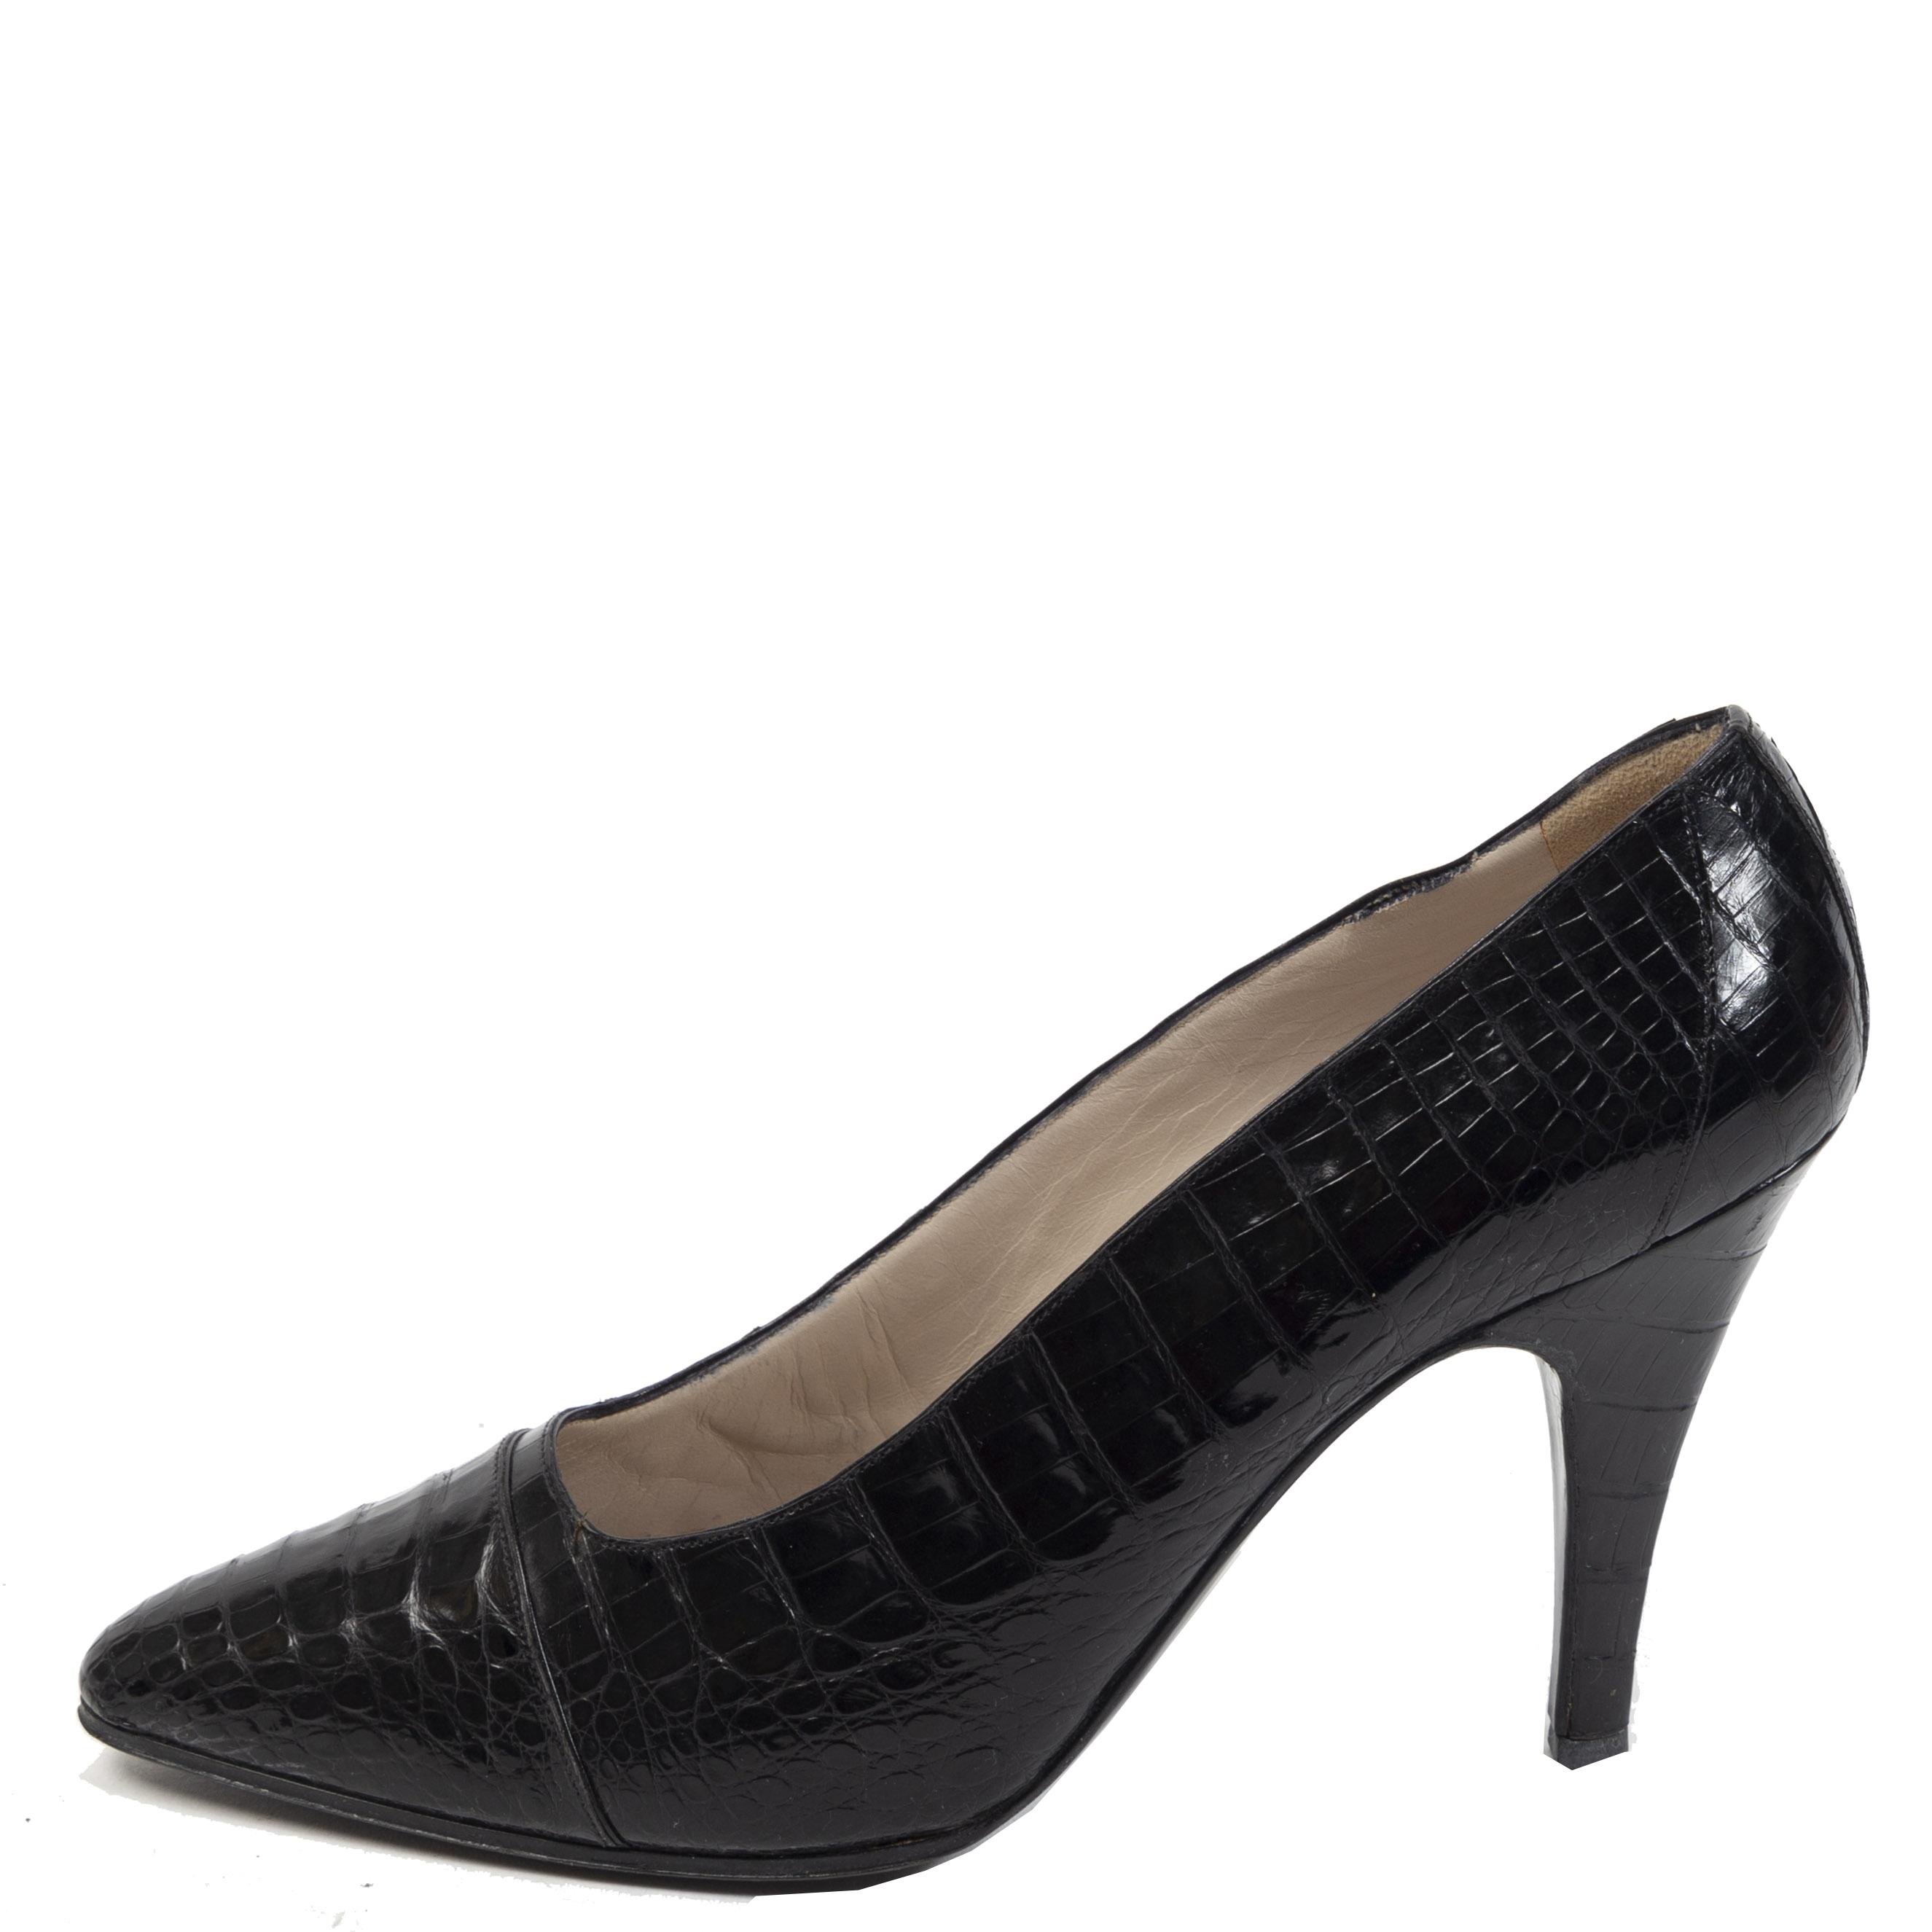 Authentieke Tweedehands Chanel Black Croco Cap Toe Pumps juiste prijs veilig online shoppen luxe merken webshop winkelen Antwerpen België mode fashion